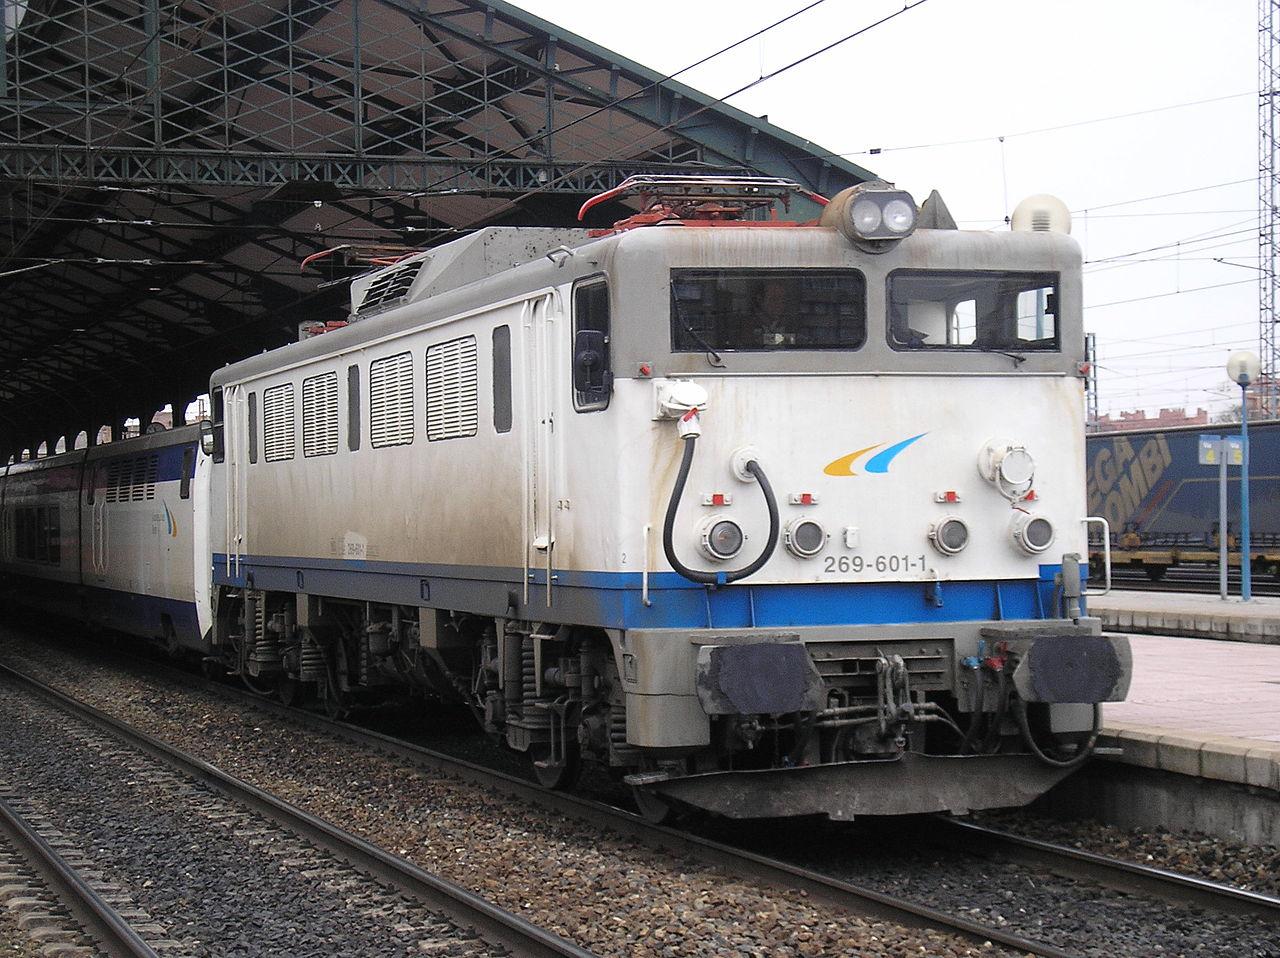 Locomotora 269.601 estacionada en Valladolid. Foto de Jorge Gonzalez en el año 2006.